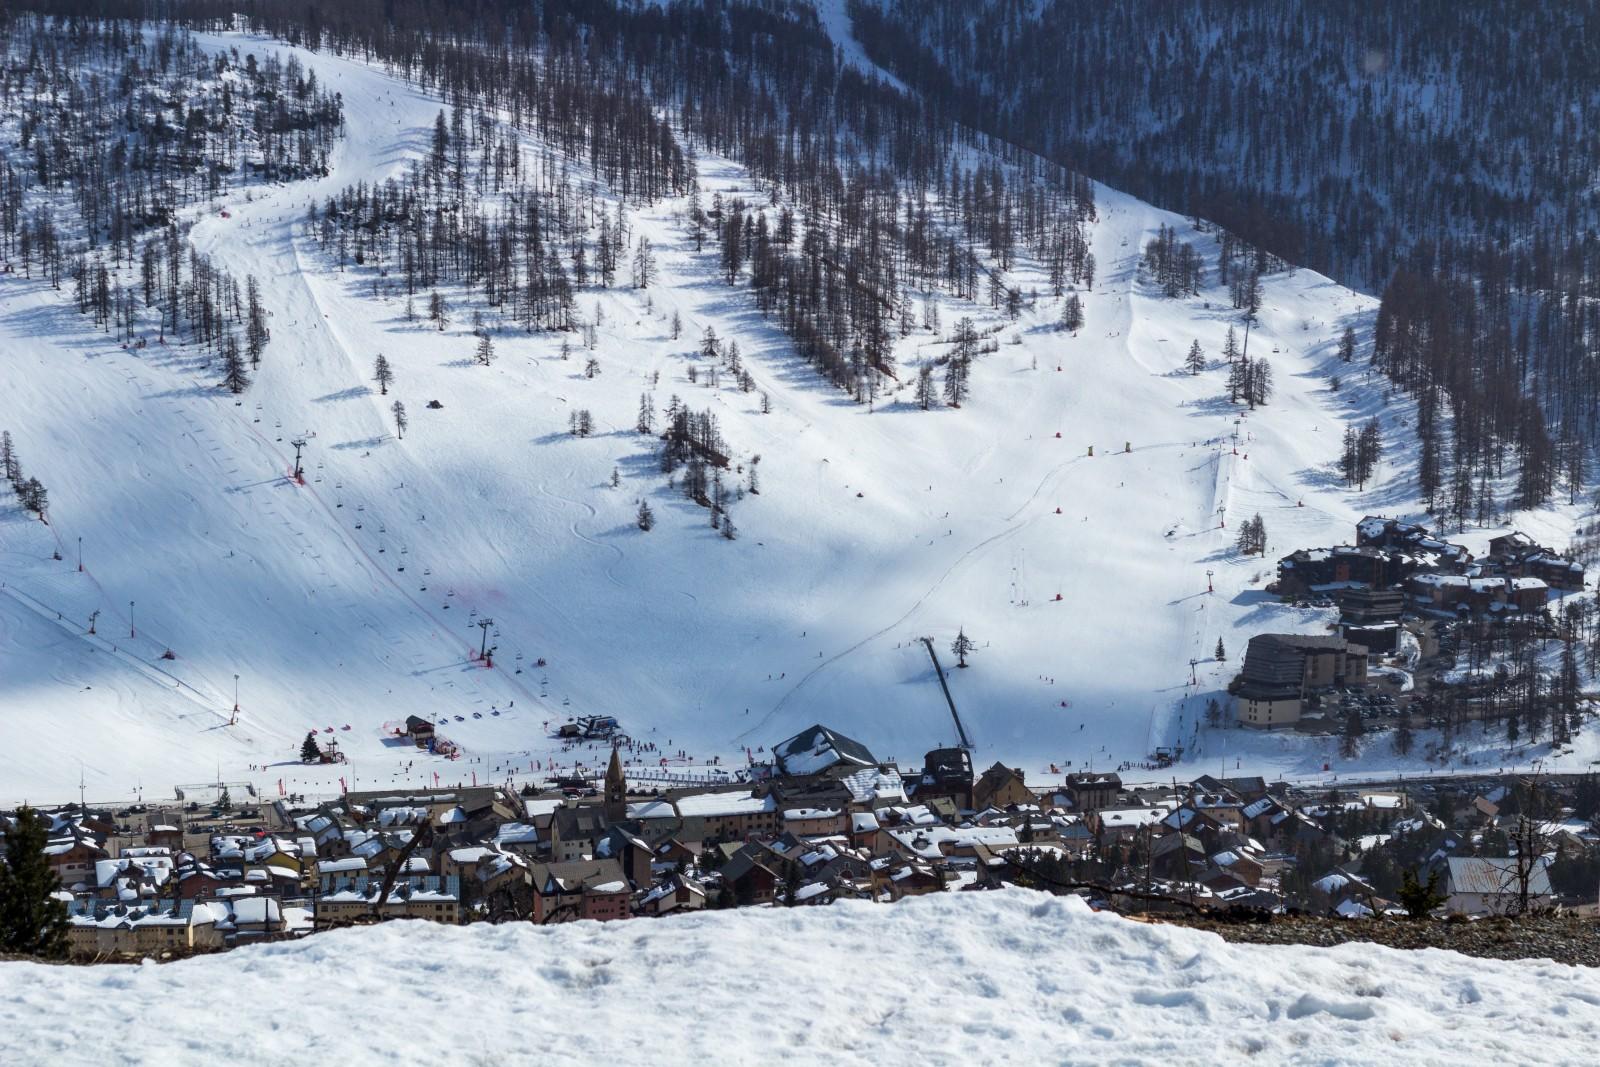 Une semaine d'hiver à Montgenèvre